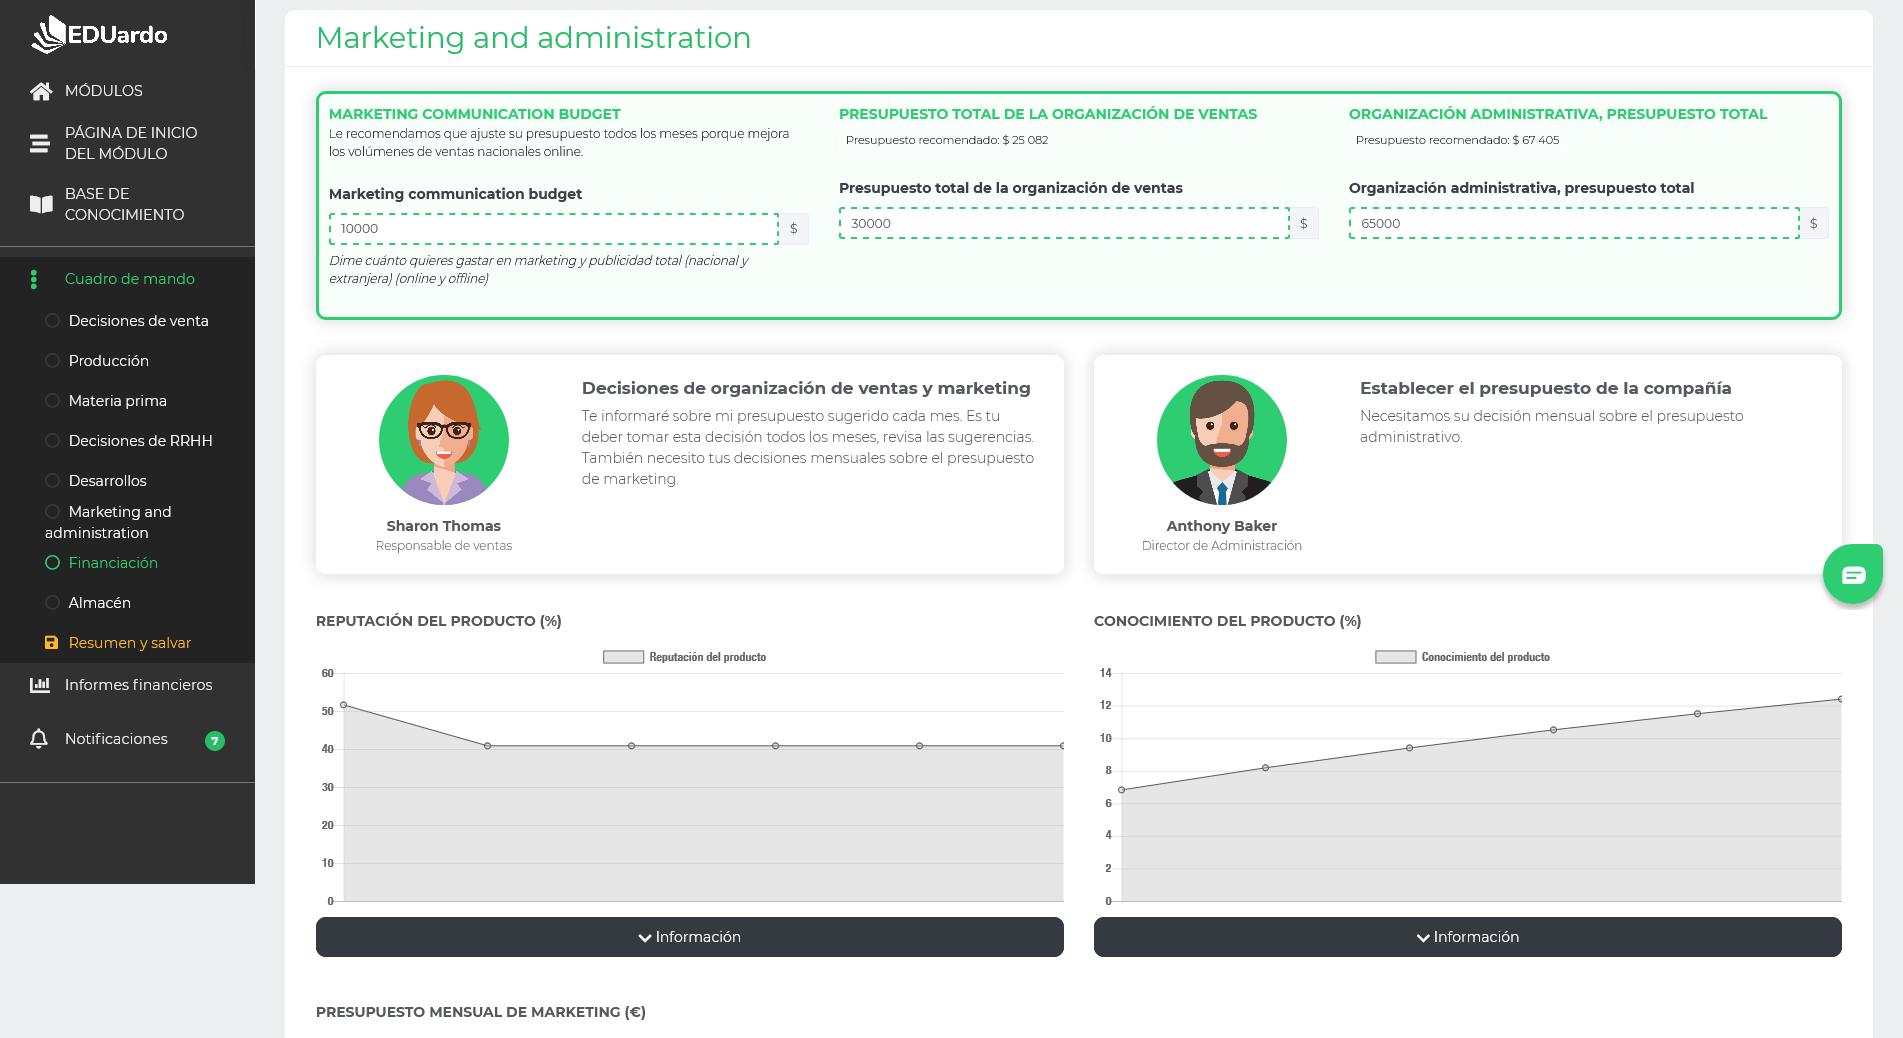 Simulacion de marketing y administracion EDUardo